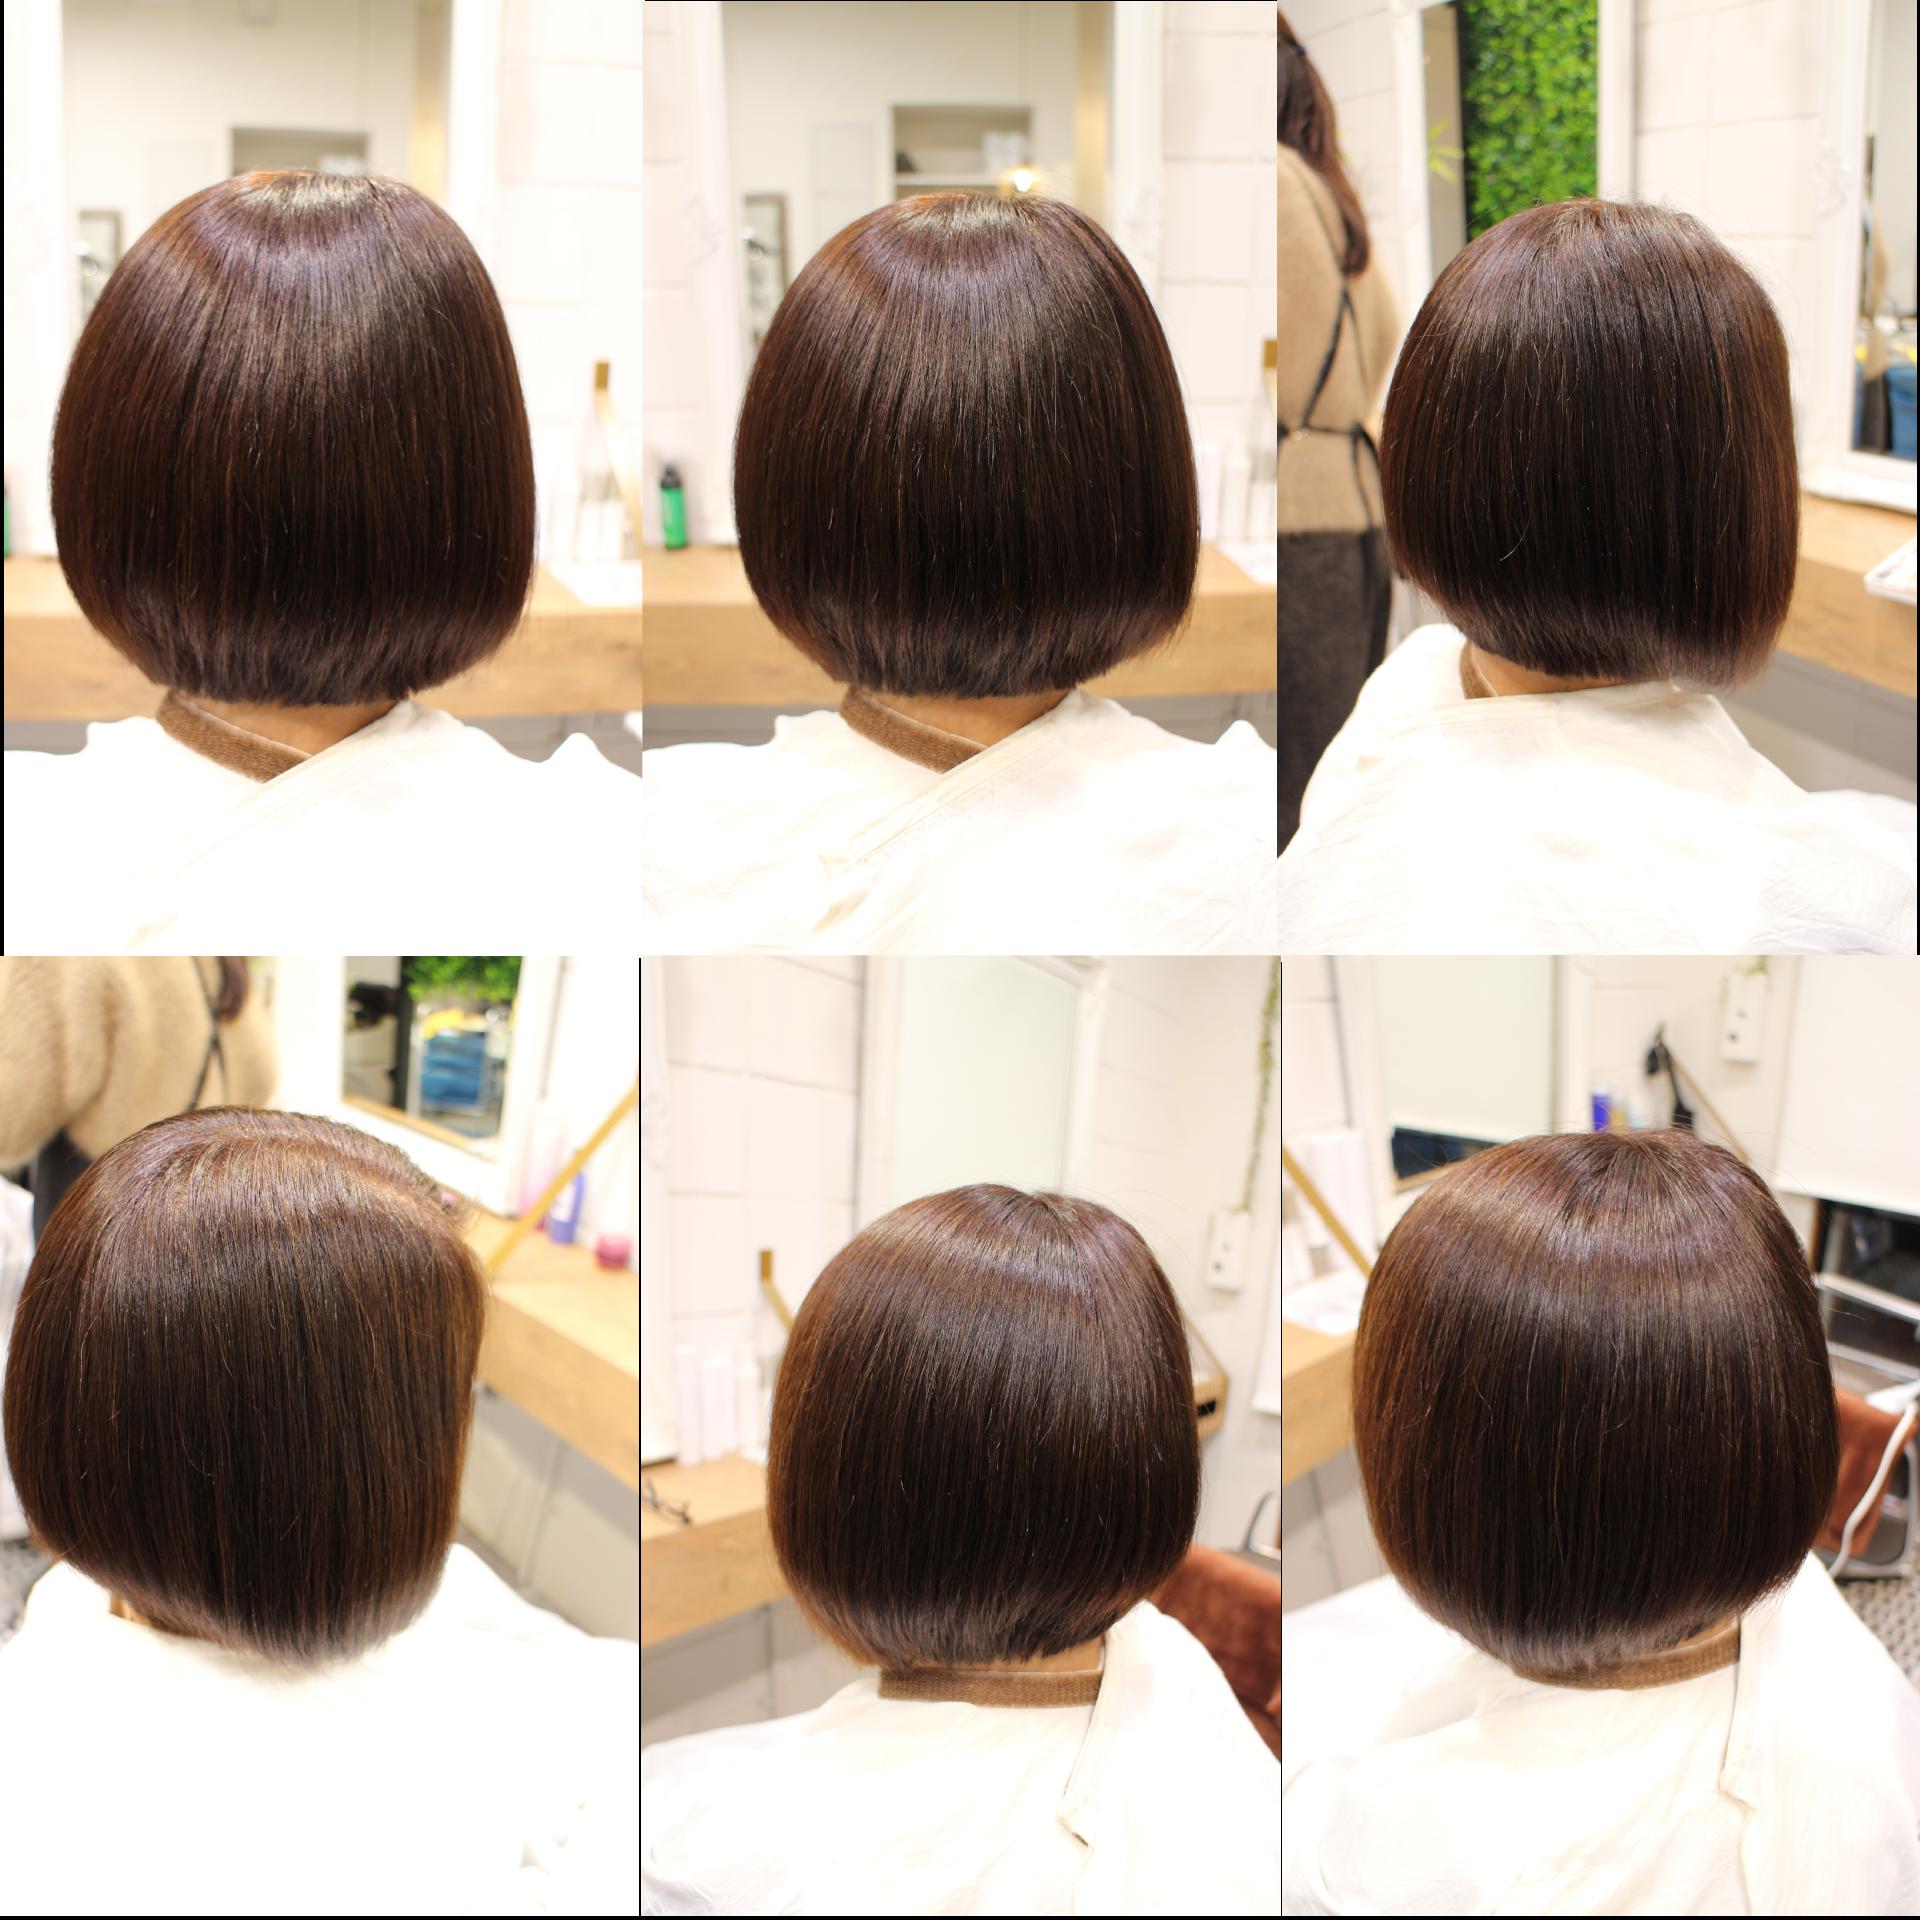 美髪髪質改善アクアシームトリートメント・ショートボブ1